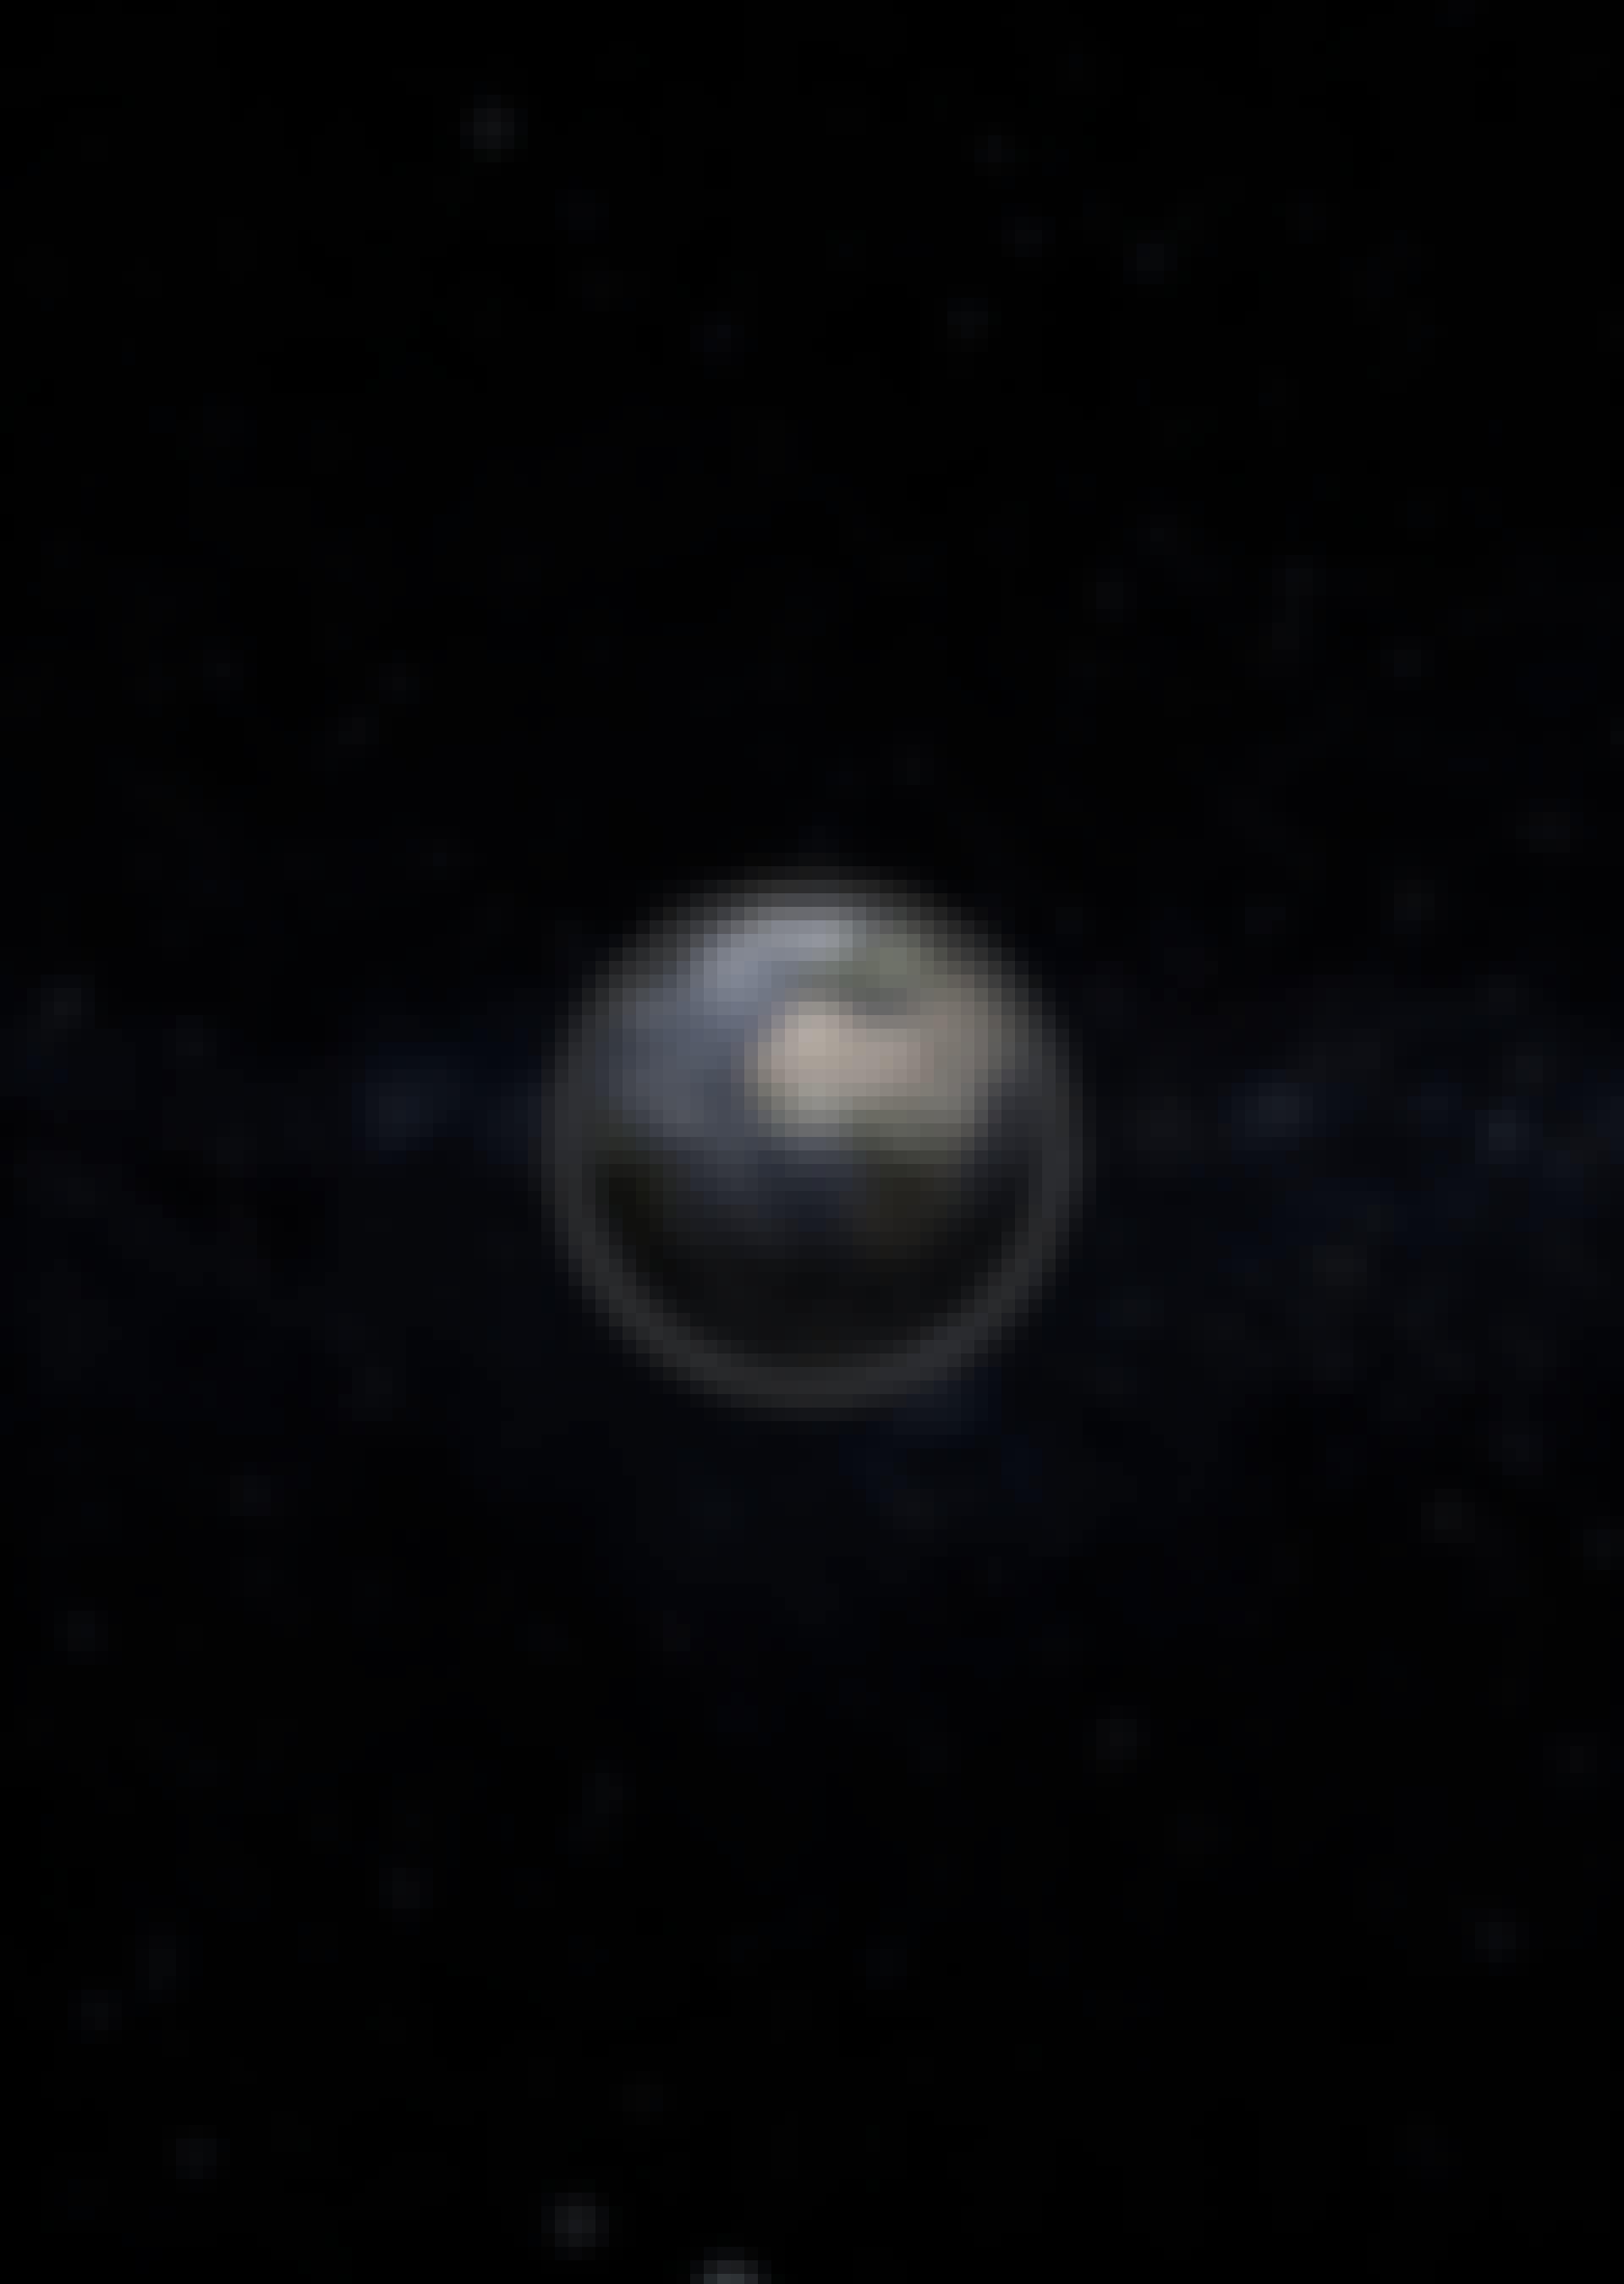 Maan ilmakehä – troposfääri